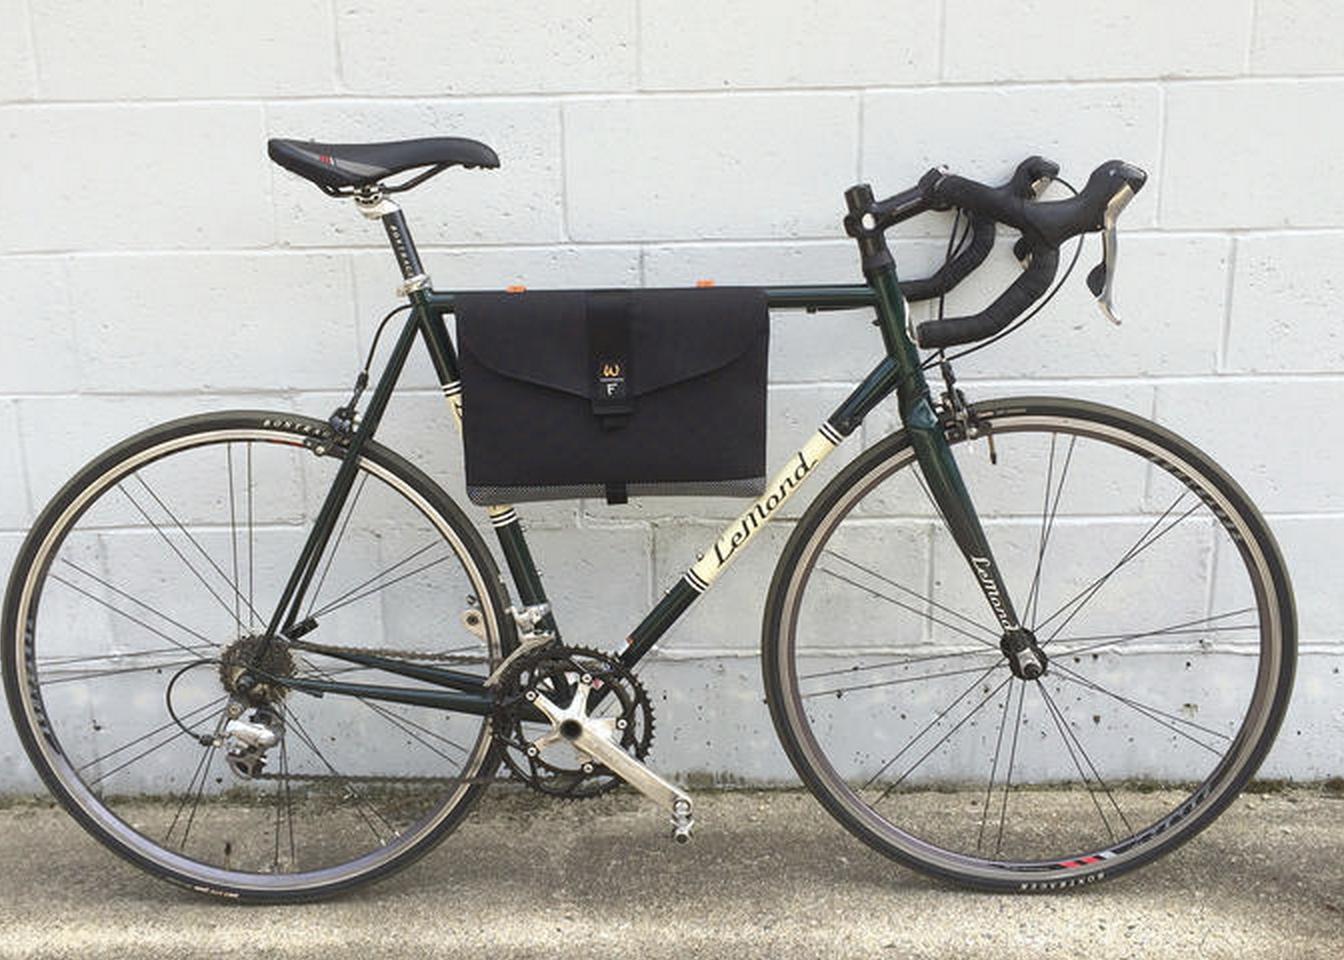 custom frame bag for laptops httpwwwbikeforumsnetcommuting